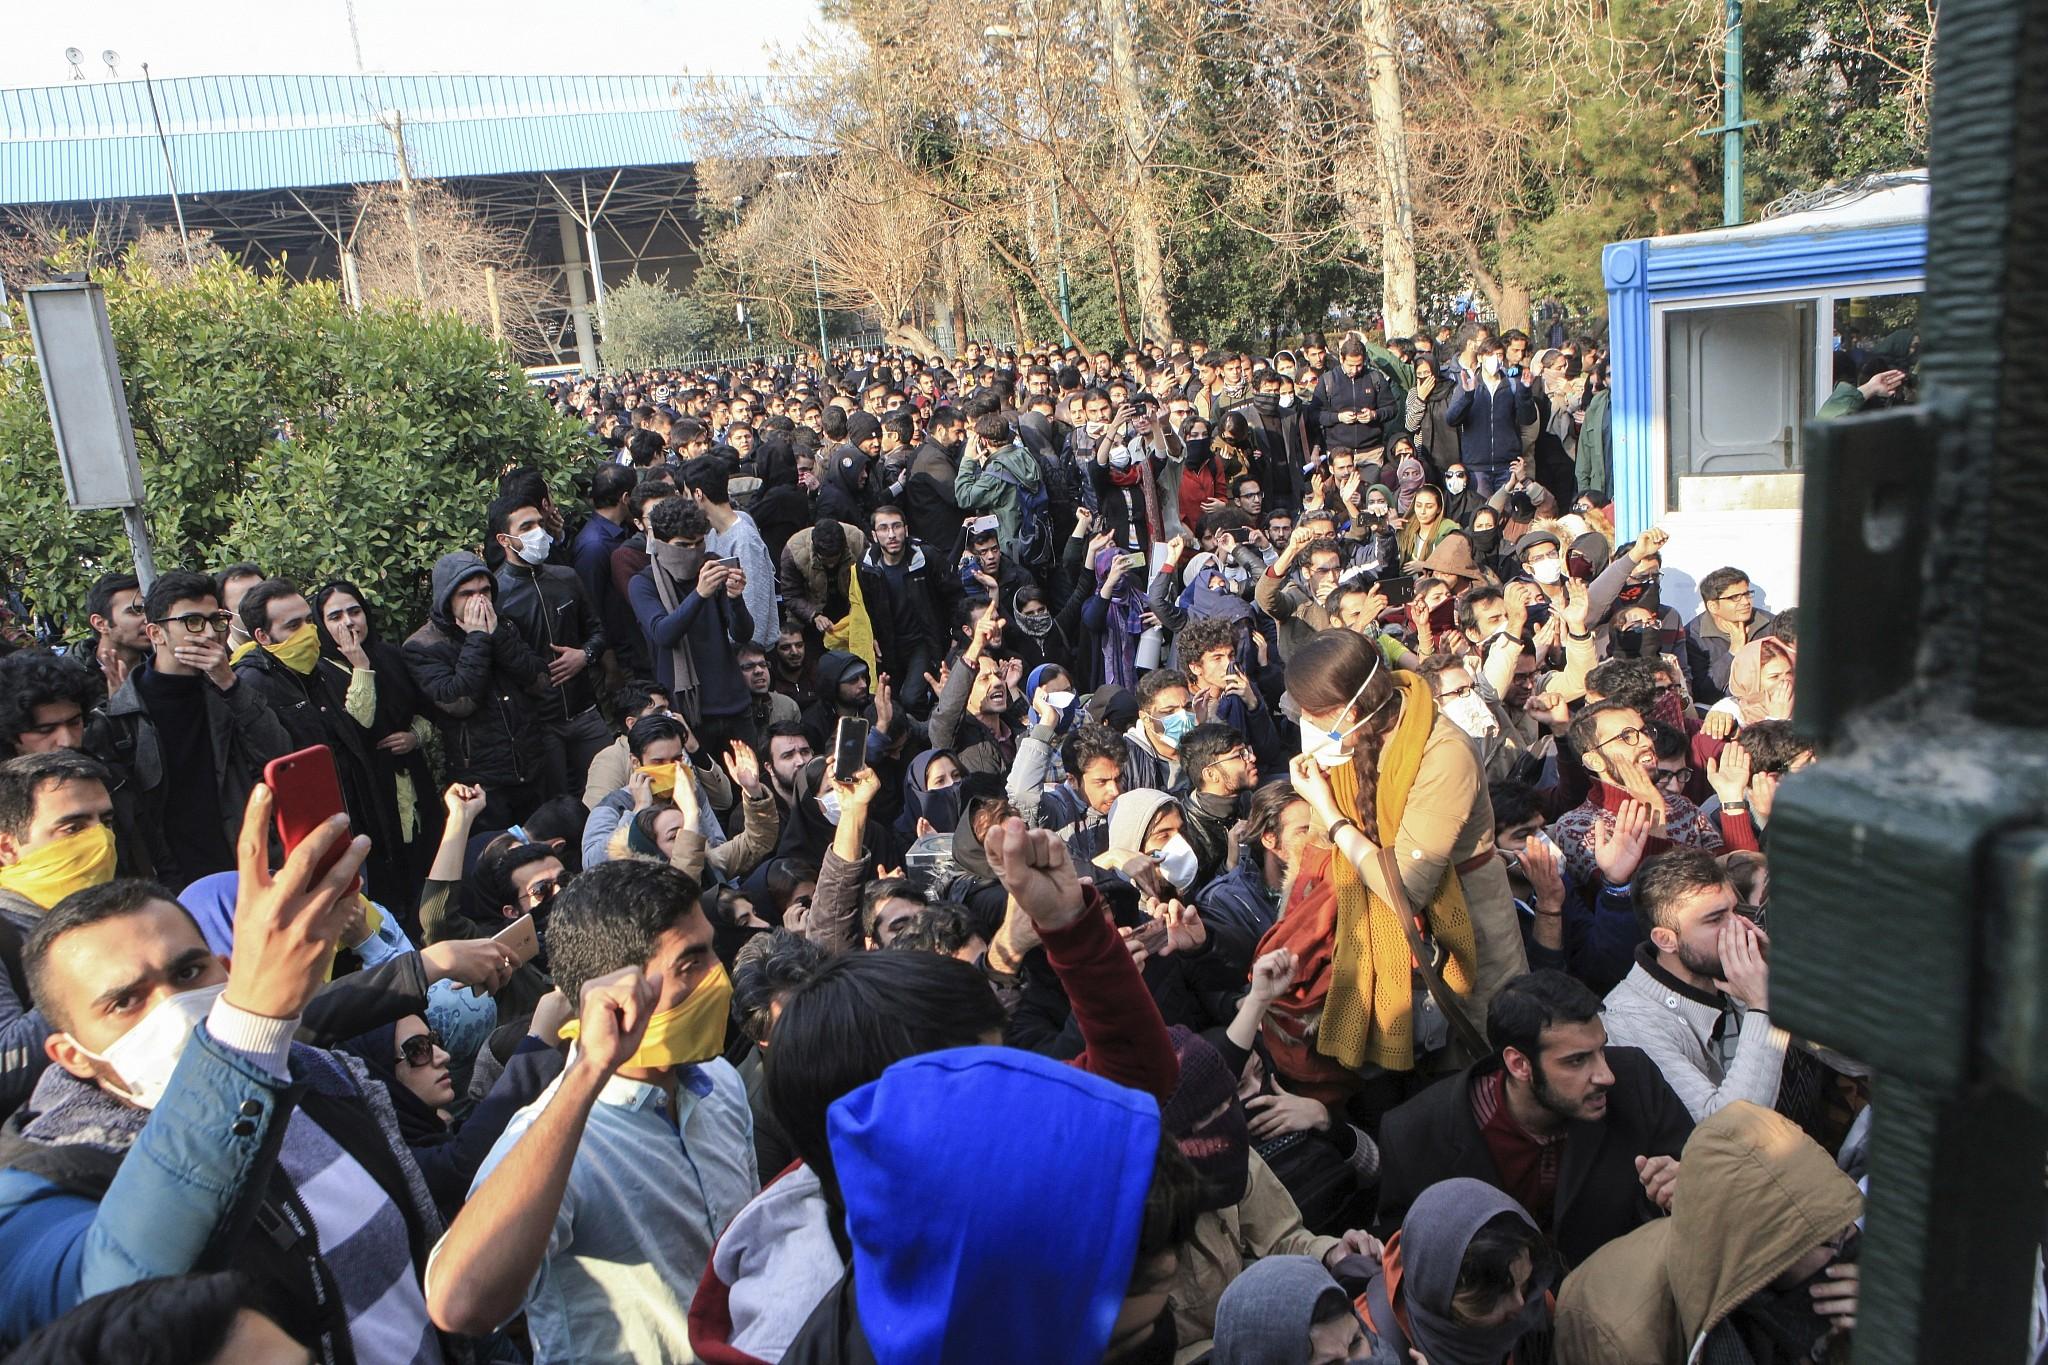 إيران بين حركتين احتجاجيتين: دراسة في الأبعاد الجيوبولوتيكية والمحددات الفيوتشرولوجية